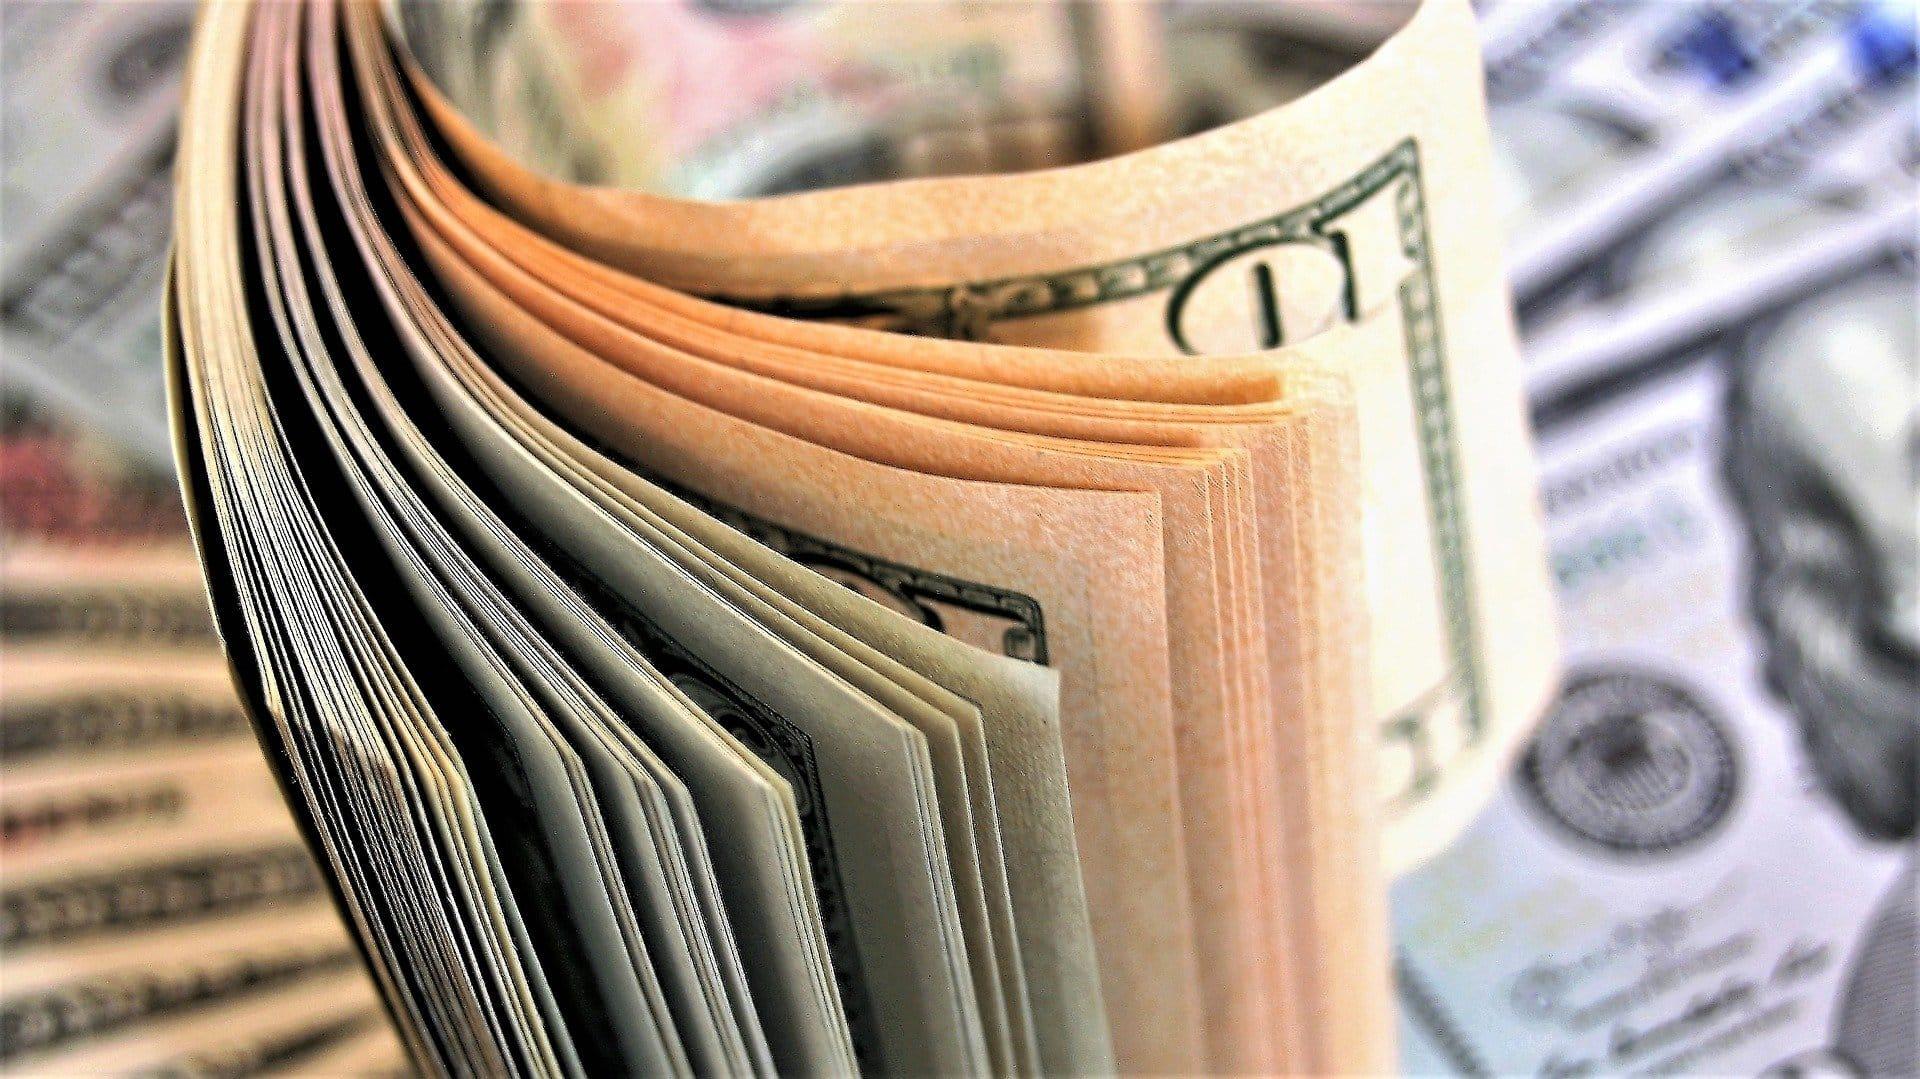 kā likumīgi nopelnīt lielu naudu